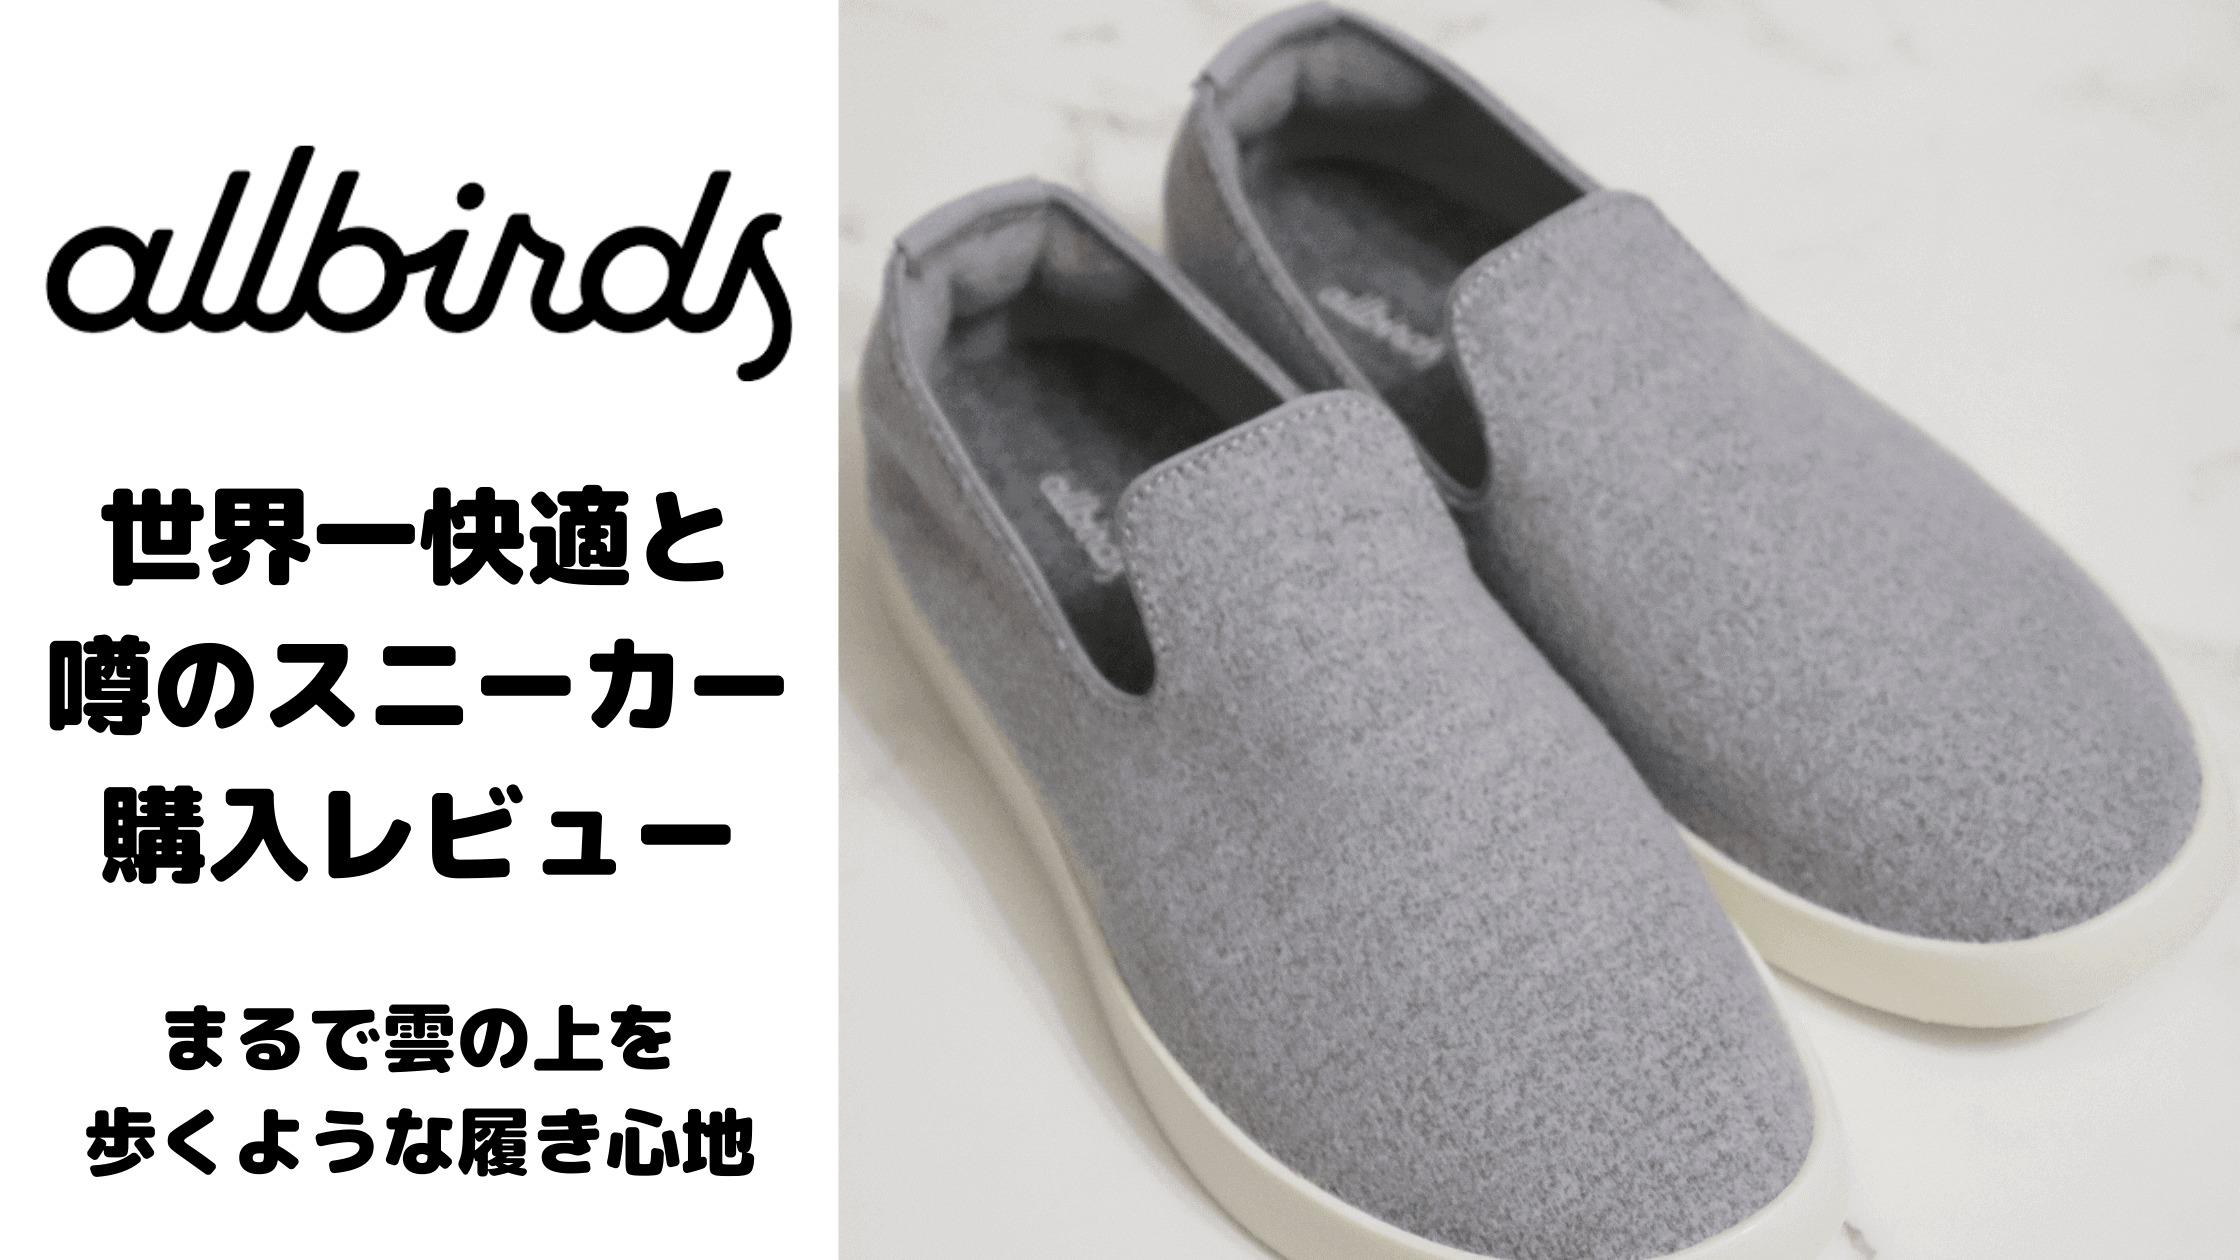 allbirds(オールバーズ)|日本初上陸の世界一快適なスニーカー 購入レビュー!洗濯もできる!